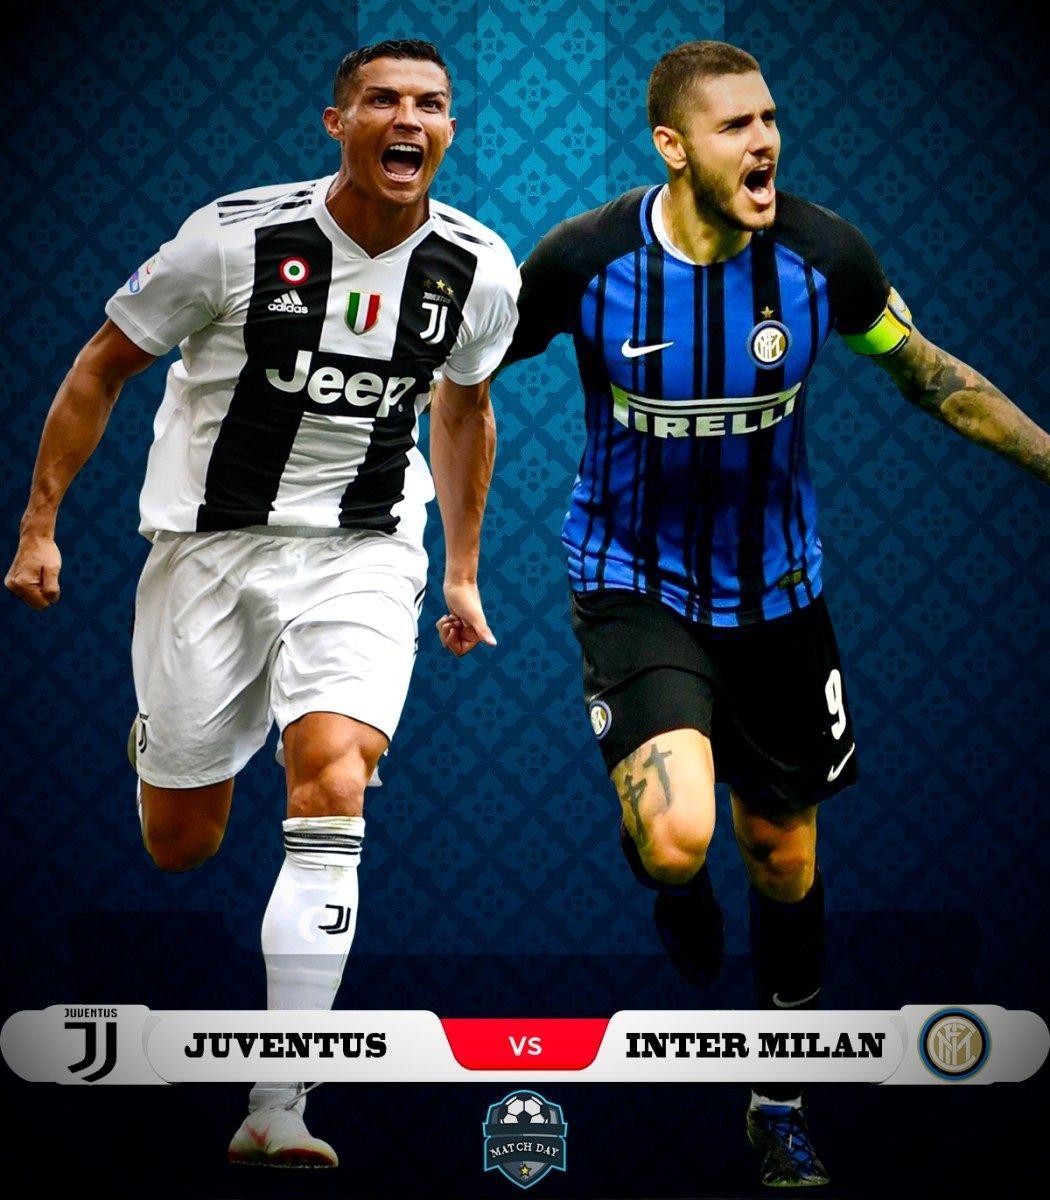 Image result for juventus vs inter milan